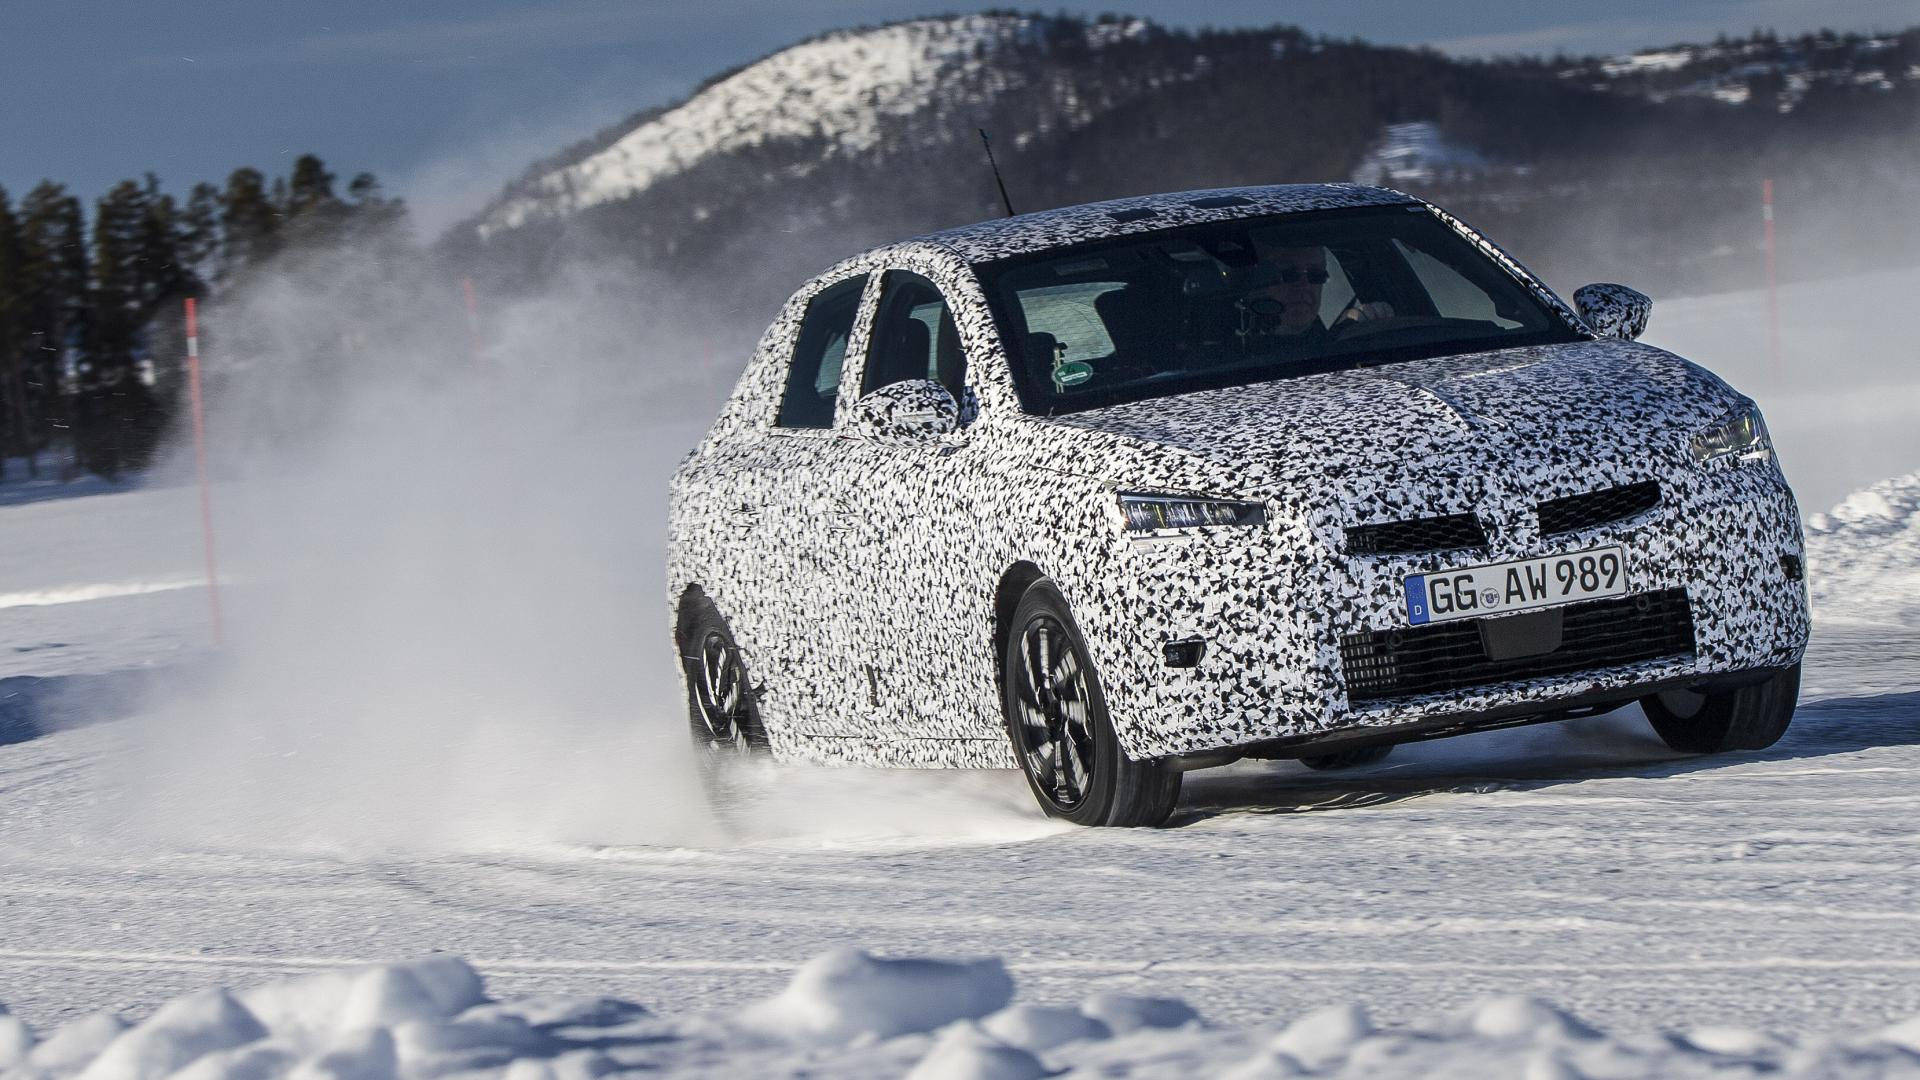 Nuova Opel Corsa 2019 - Lo speciale